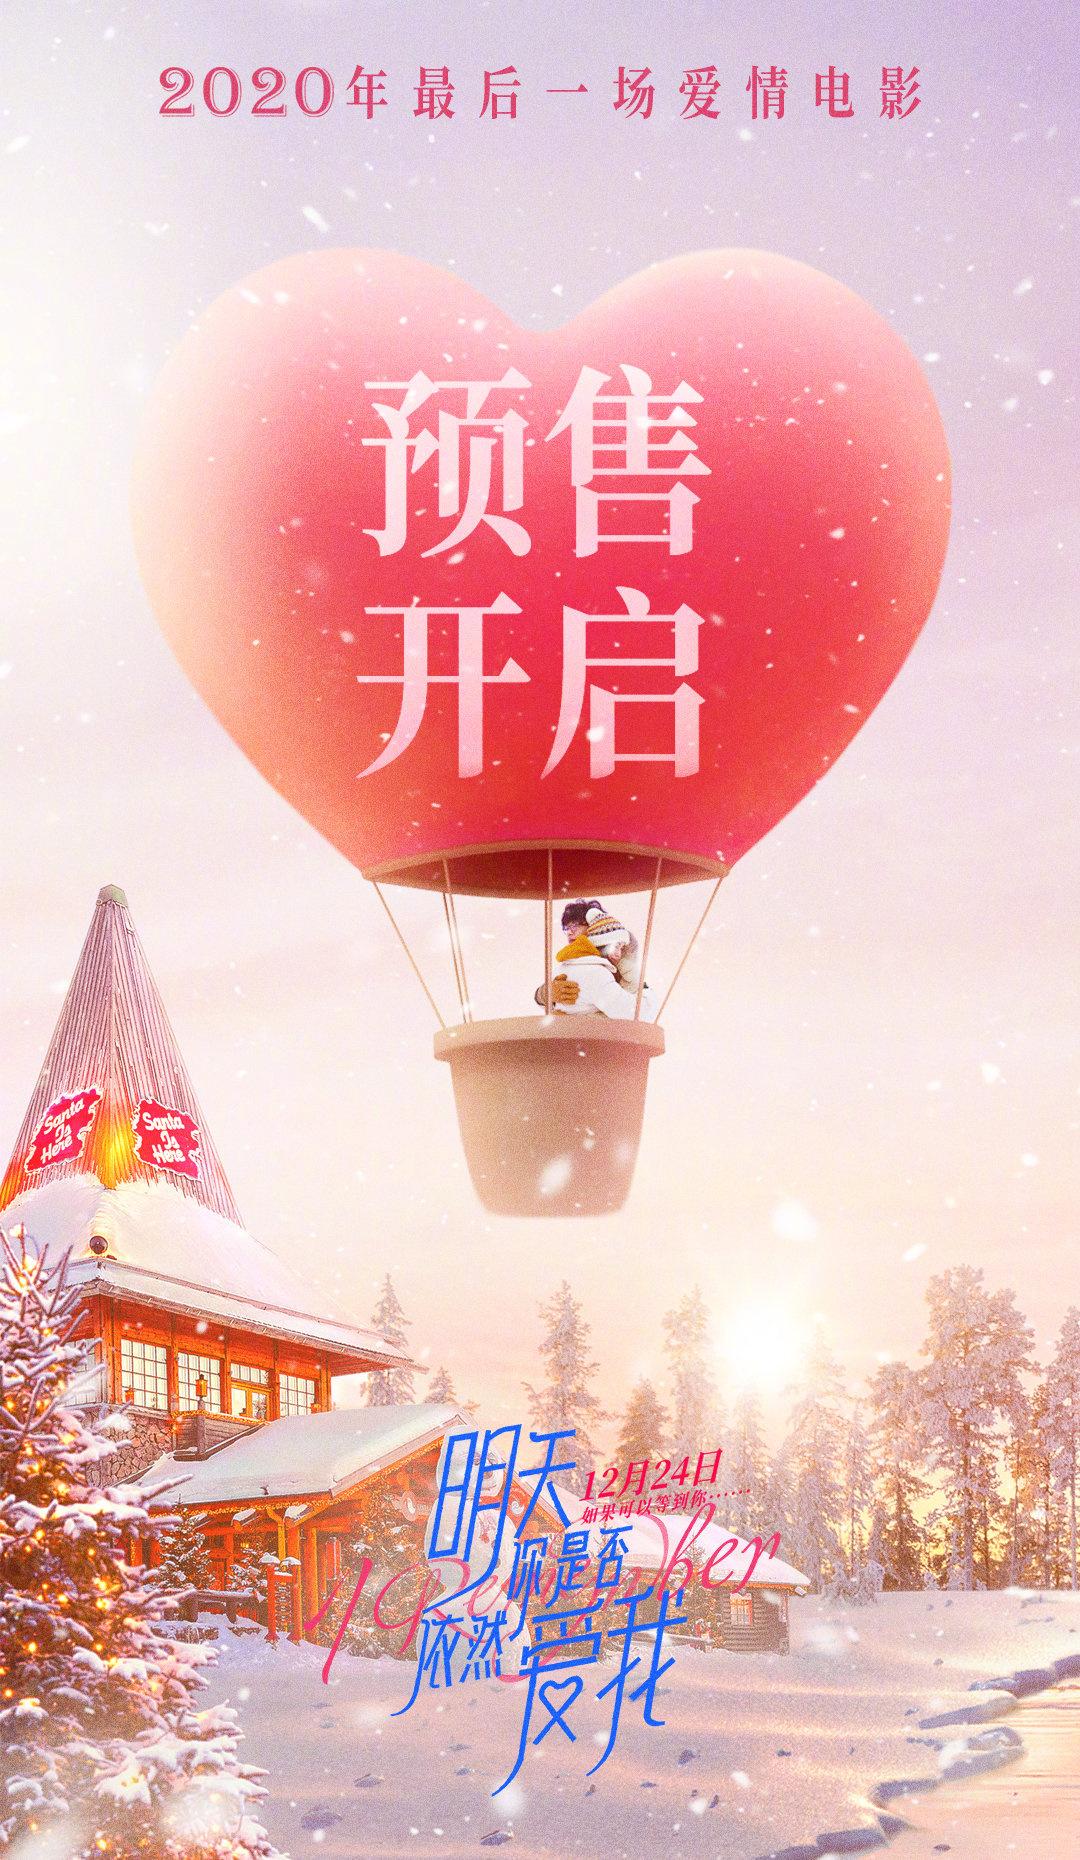 《明天你是否依然爱我》预售开盘12.24甜蜜发布